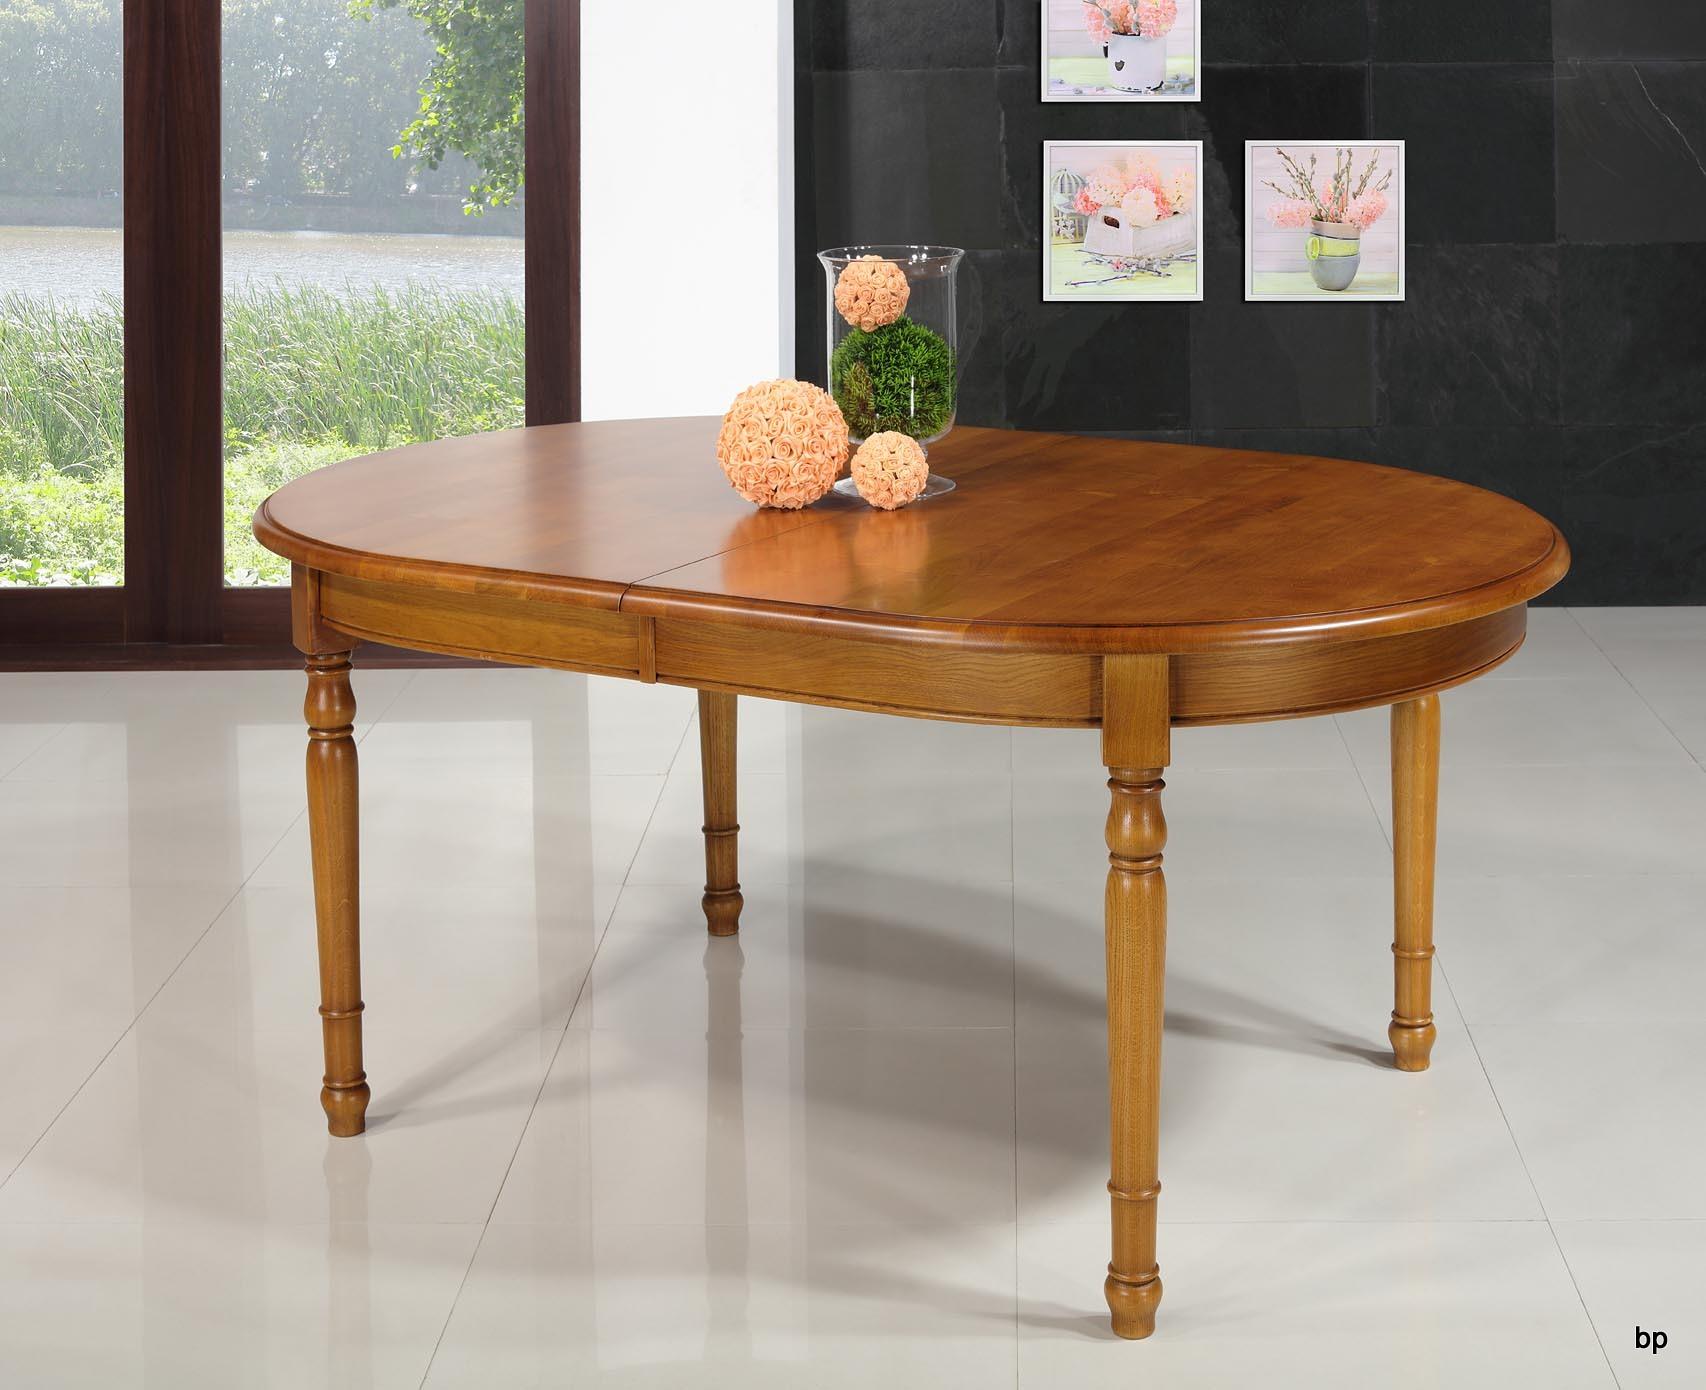 table ovale 170x110 en ch ne massif de style louis philippe avec 3 allonges de 40 cm ch ne dor. Black Bedroom Furniture Sets. Home Design Ideas